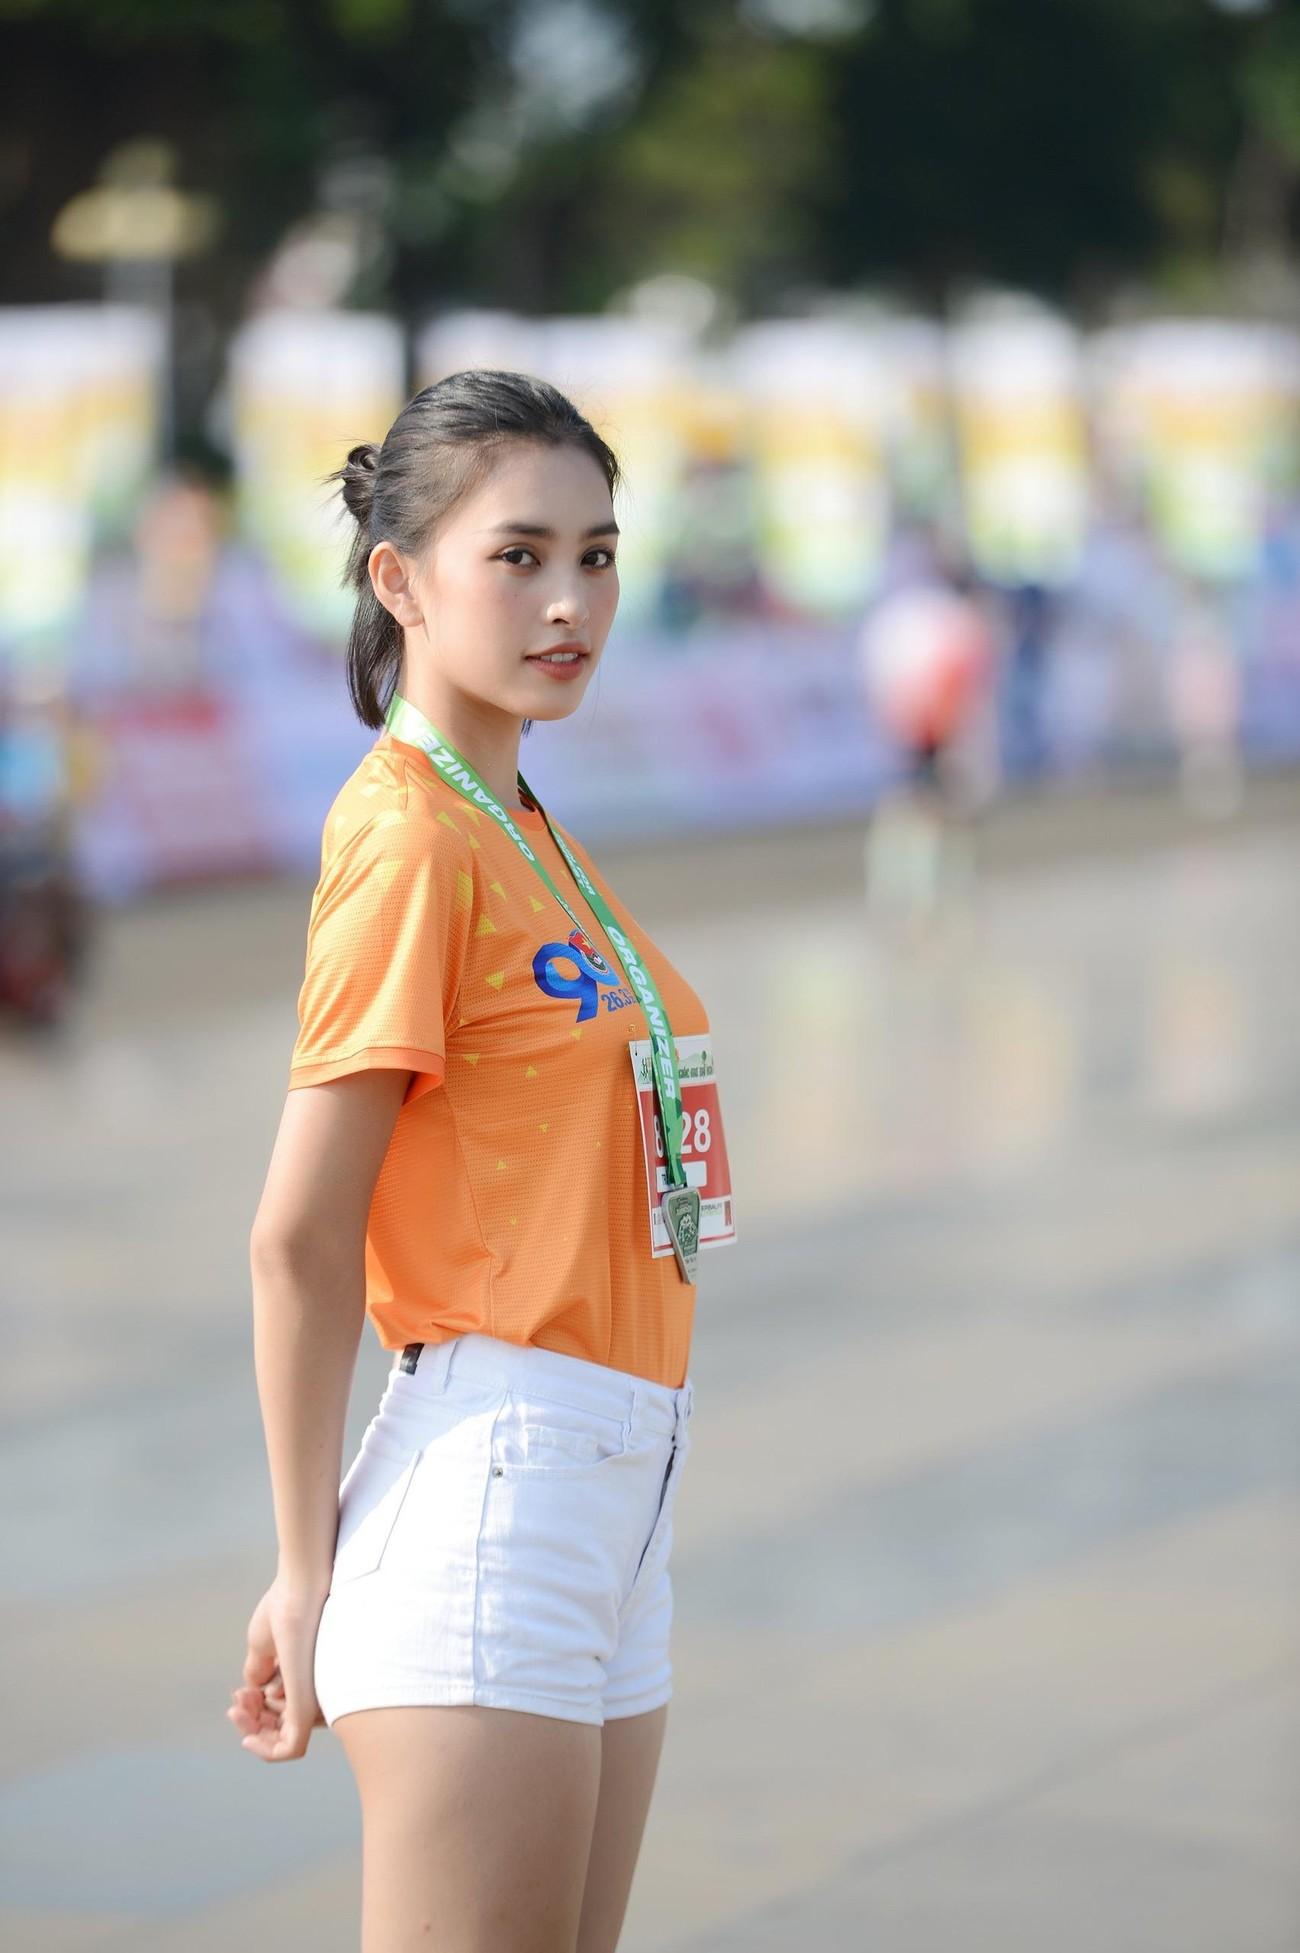 Hoa hậu Trần Tiểu Vy đẹp gây mê trên đường chạy Tiền phong Marathon ảnh 4